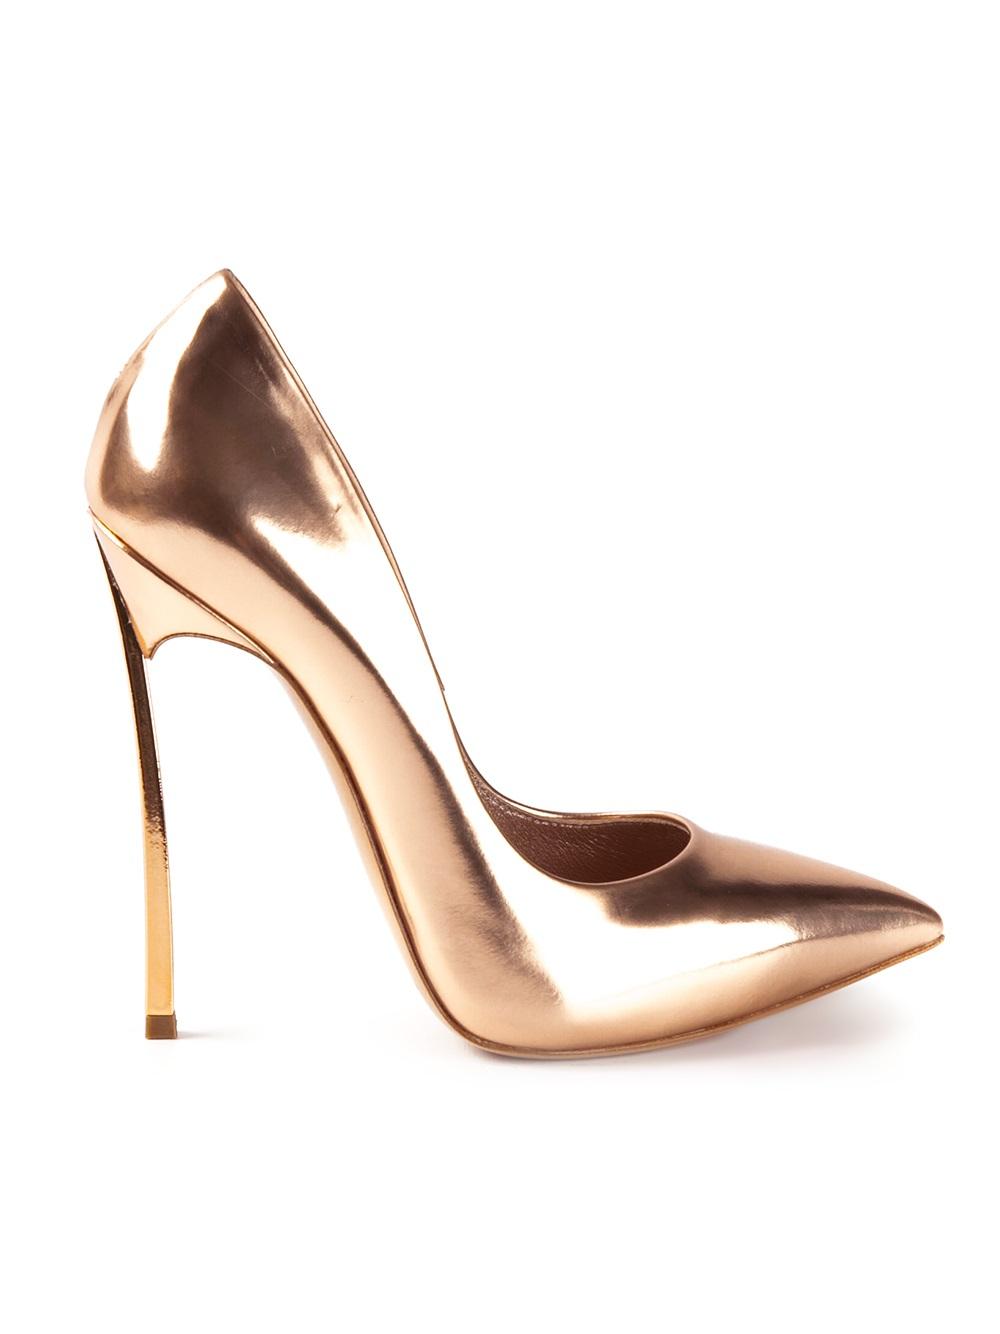 Lyst Casadei High Heel Pumps In Metallic